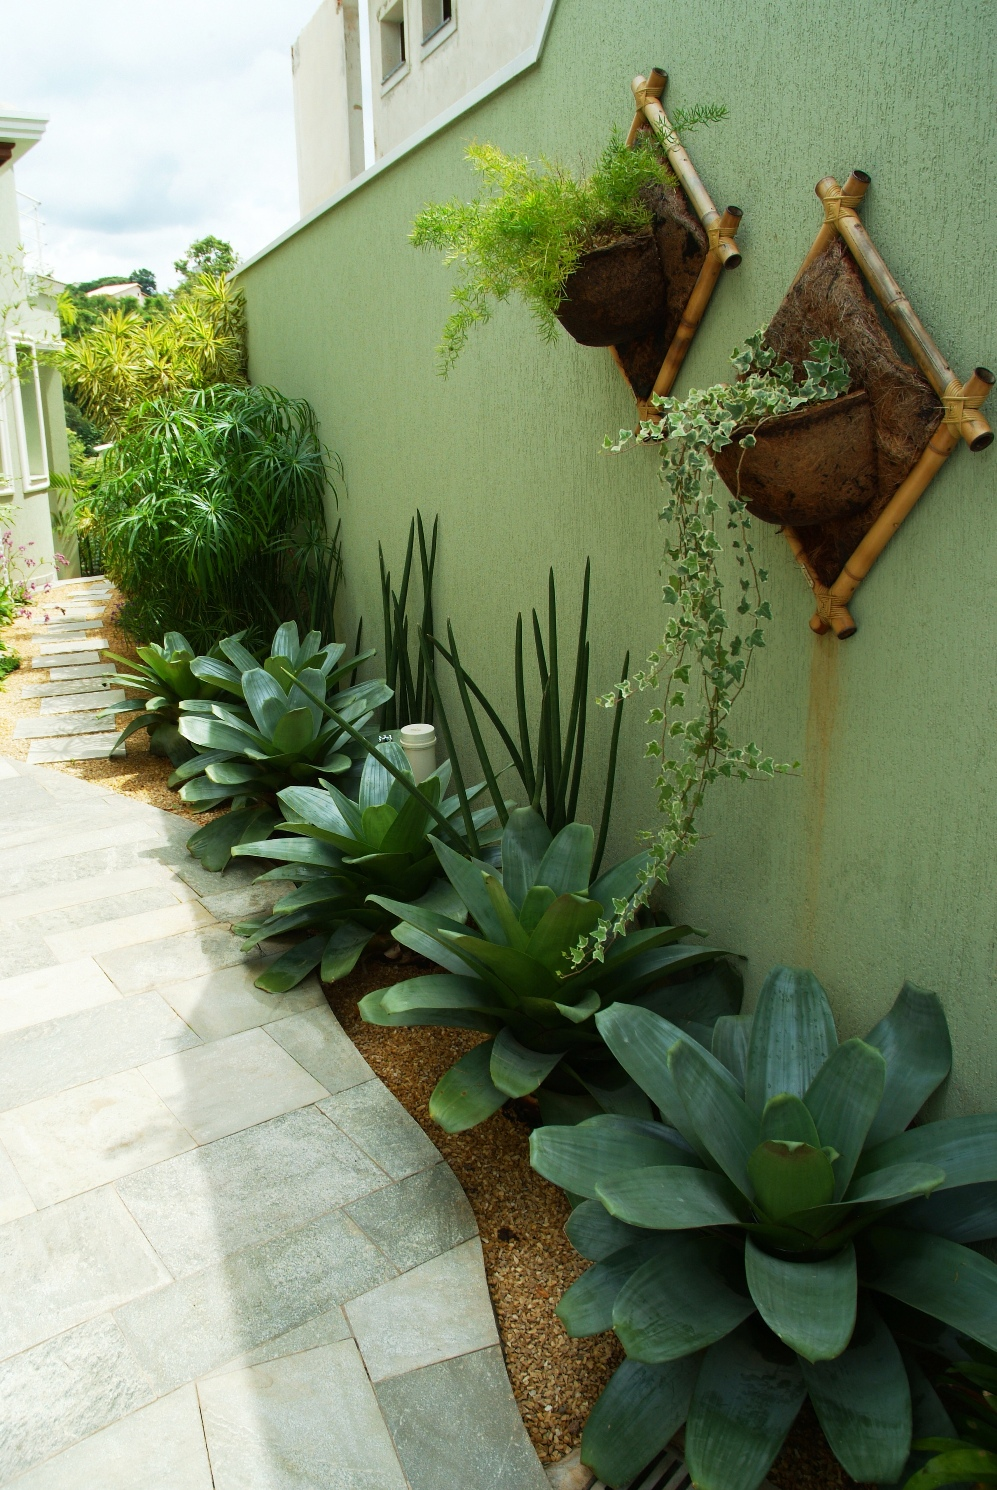 Compartilhando sentidos paisagismo for Casas e jardins simples